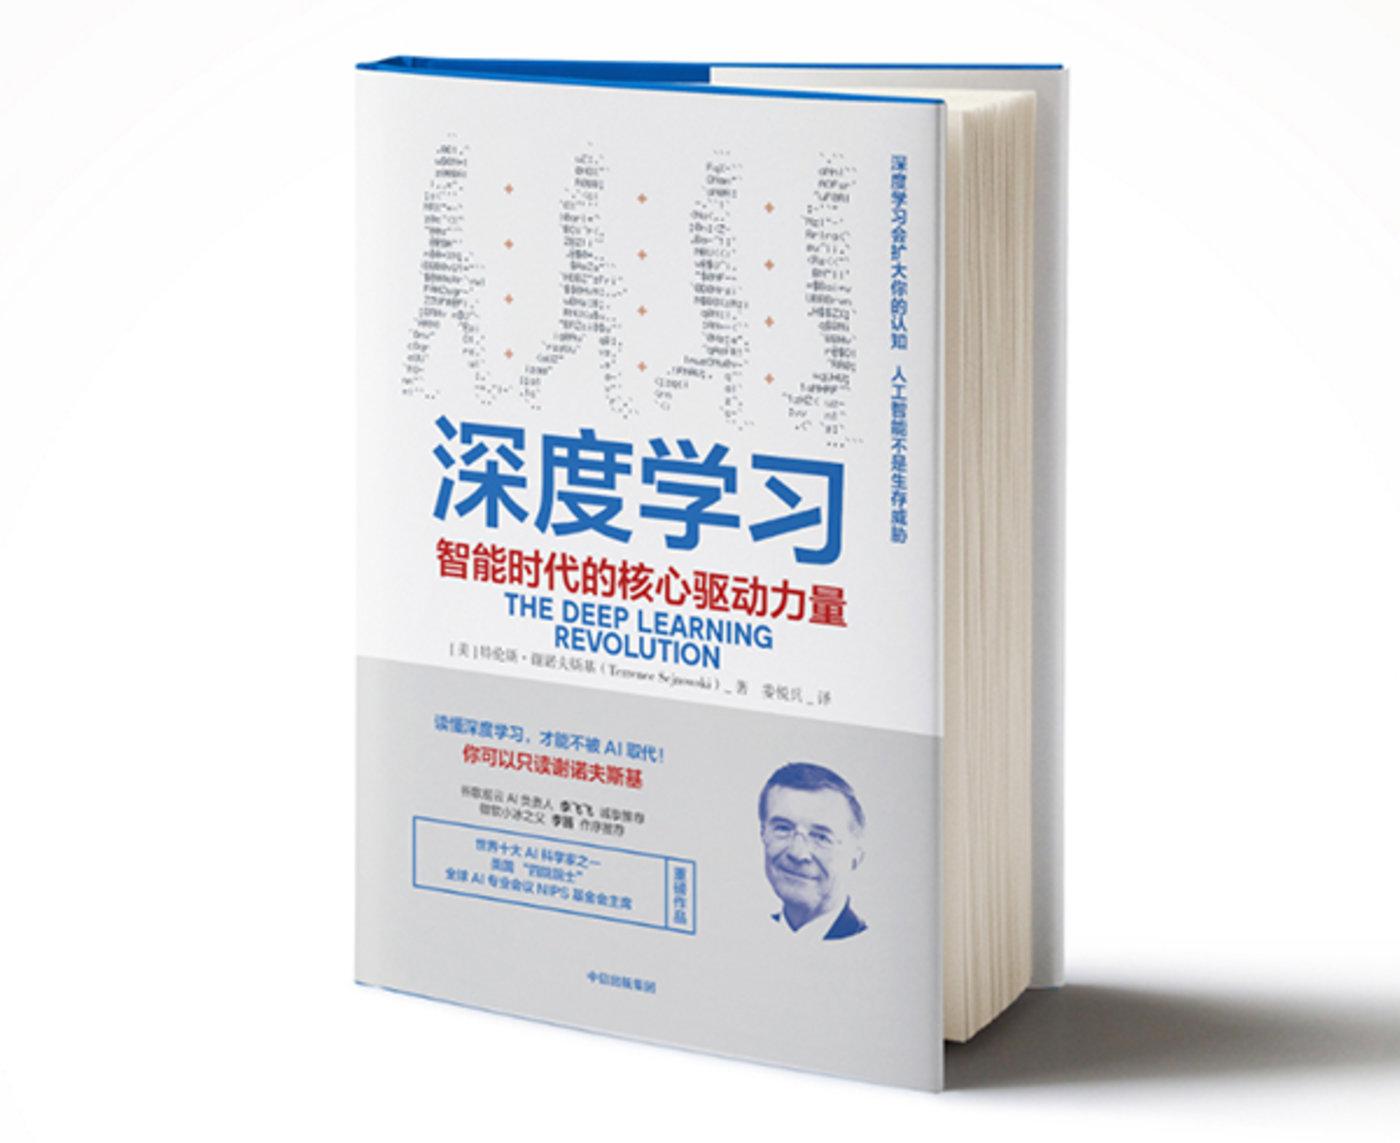 图为《深度学习》中信出版社出版